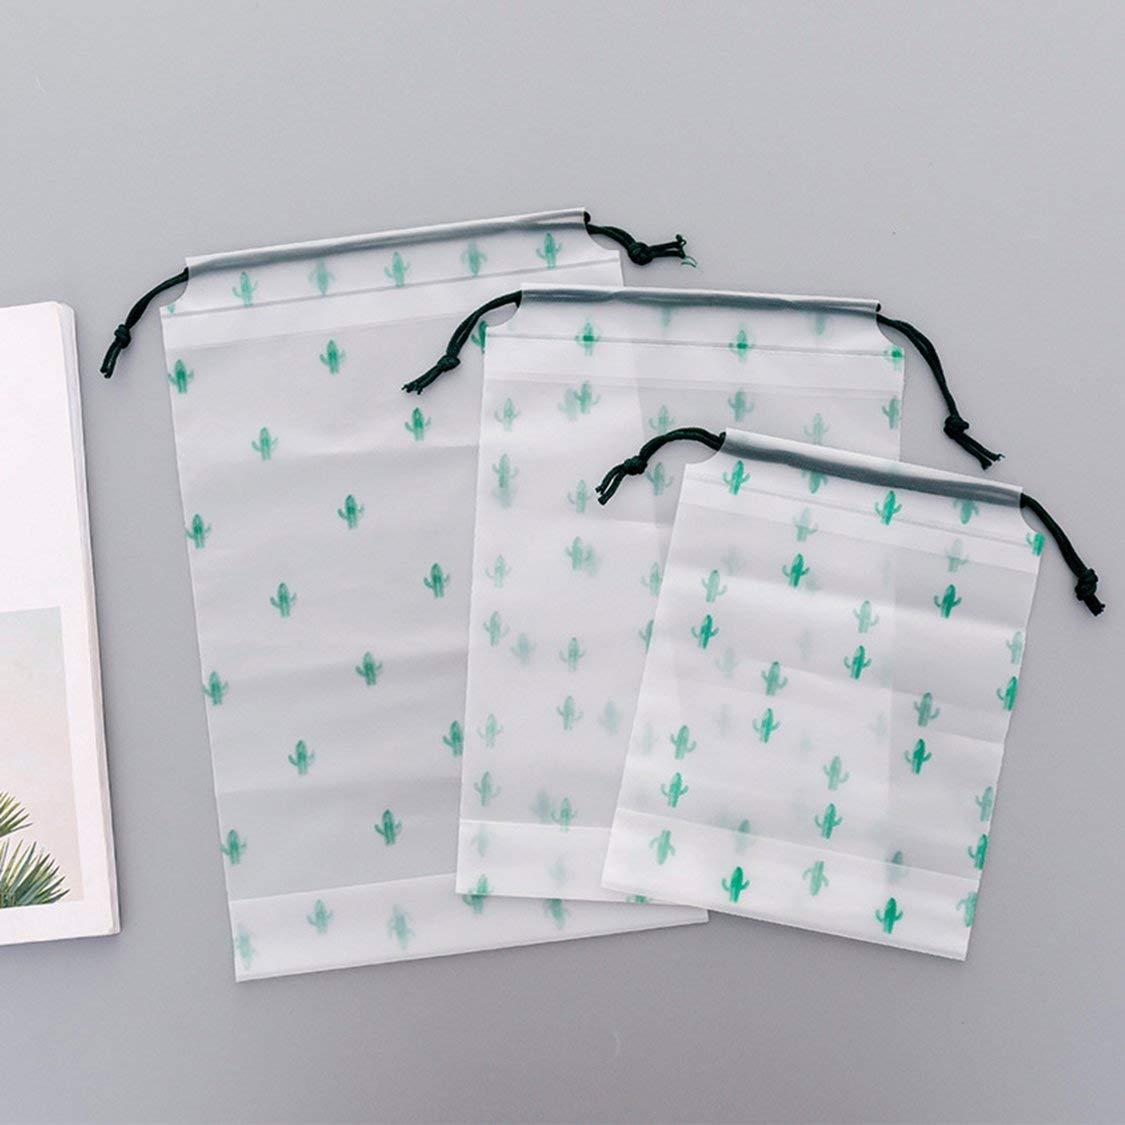 L Cactus Cordon /À Poche Cordon Petite Frais Frais Gommage Transparent /Étanche Sac De Rangement De Voyage Sac De Rangement De V/êtements De Voyage Blanc /& Vert